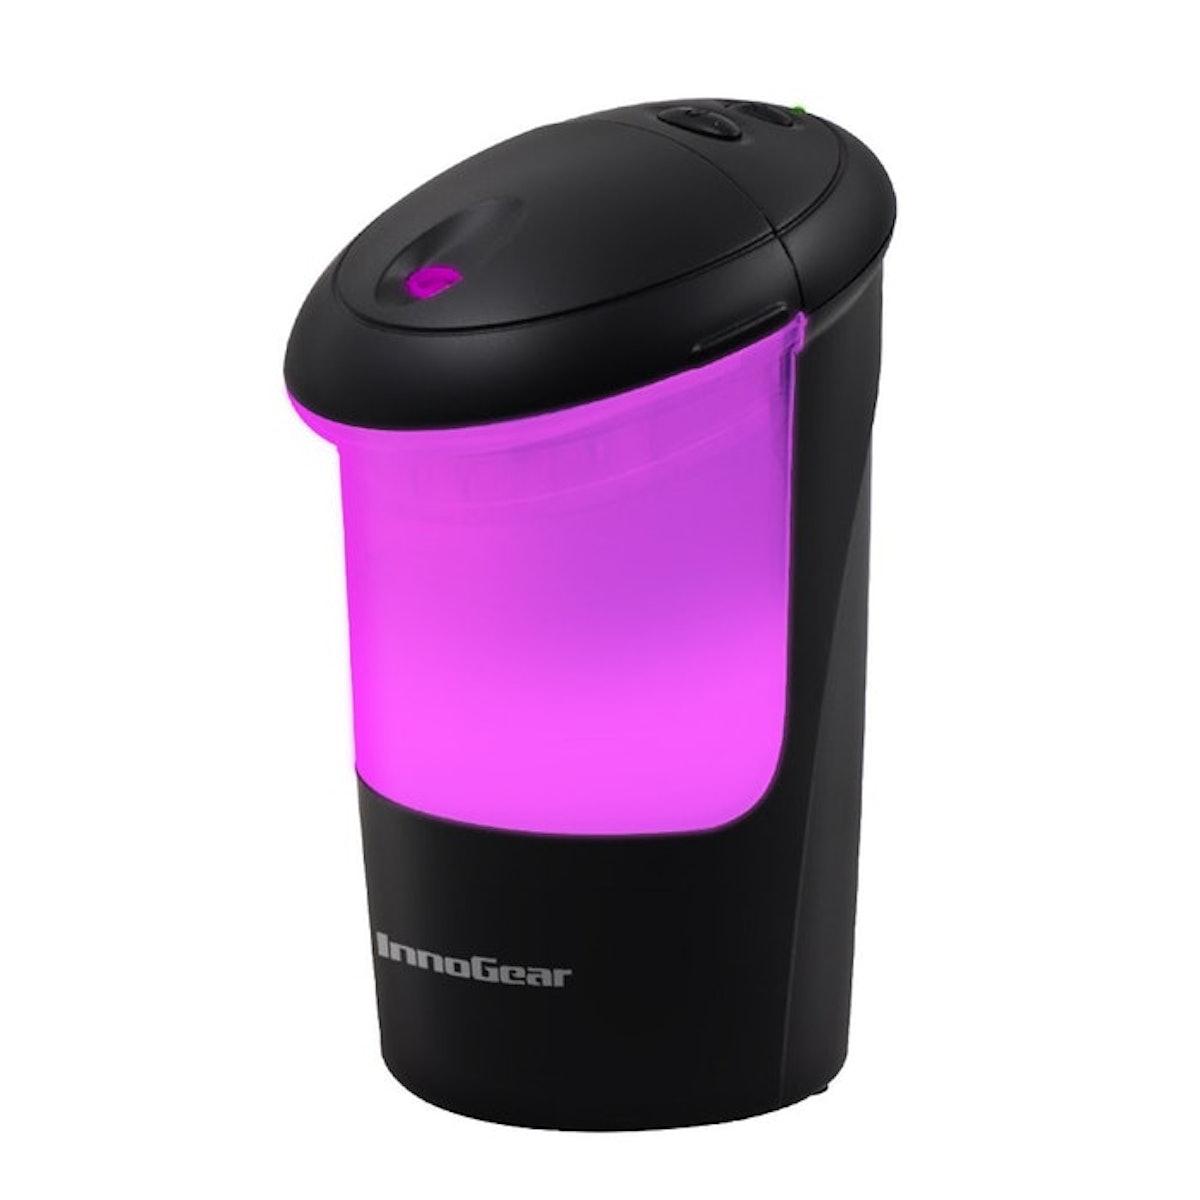 InnoGear USB Car Essential Oil Air Diffuser